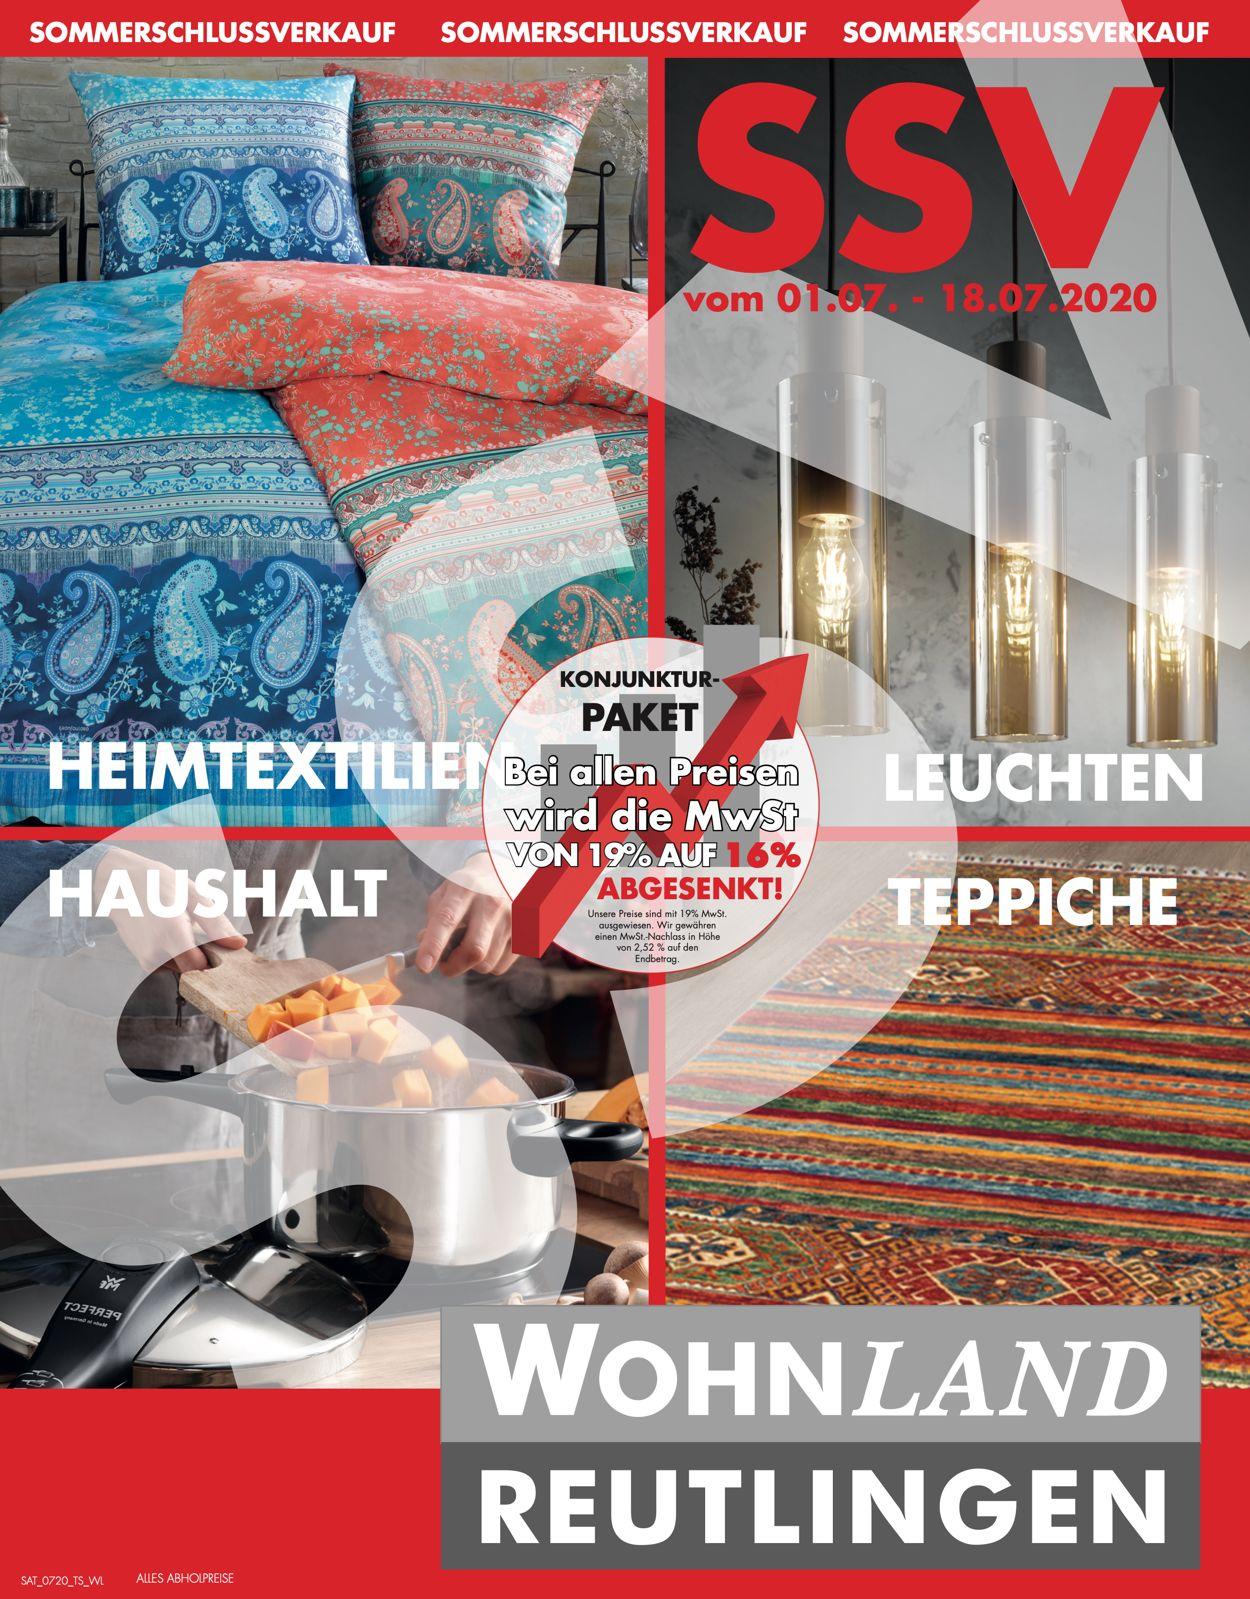 Wohnland Reutlingen Prospekt - Aktuell vom 01.07-18.07.2020